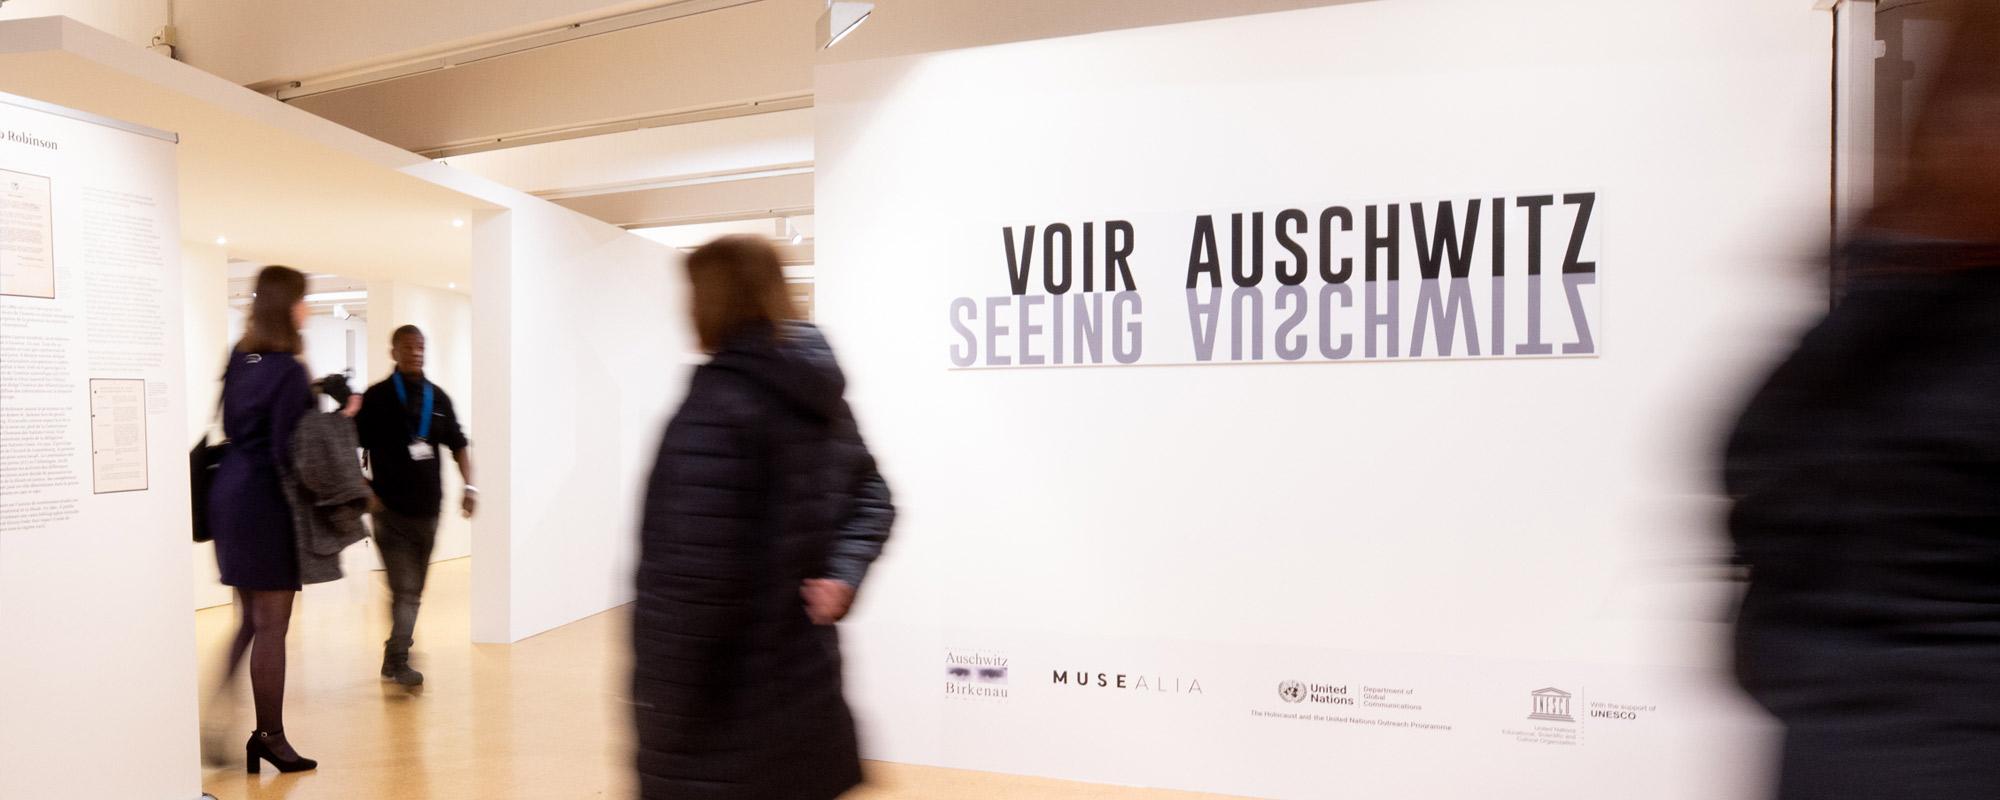 SeeingAuschwitz_01.jpg